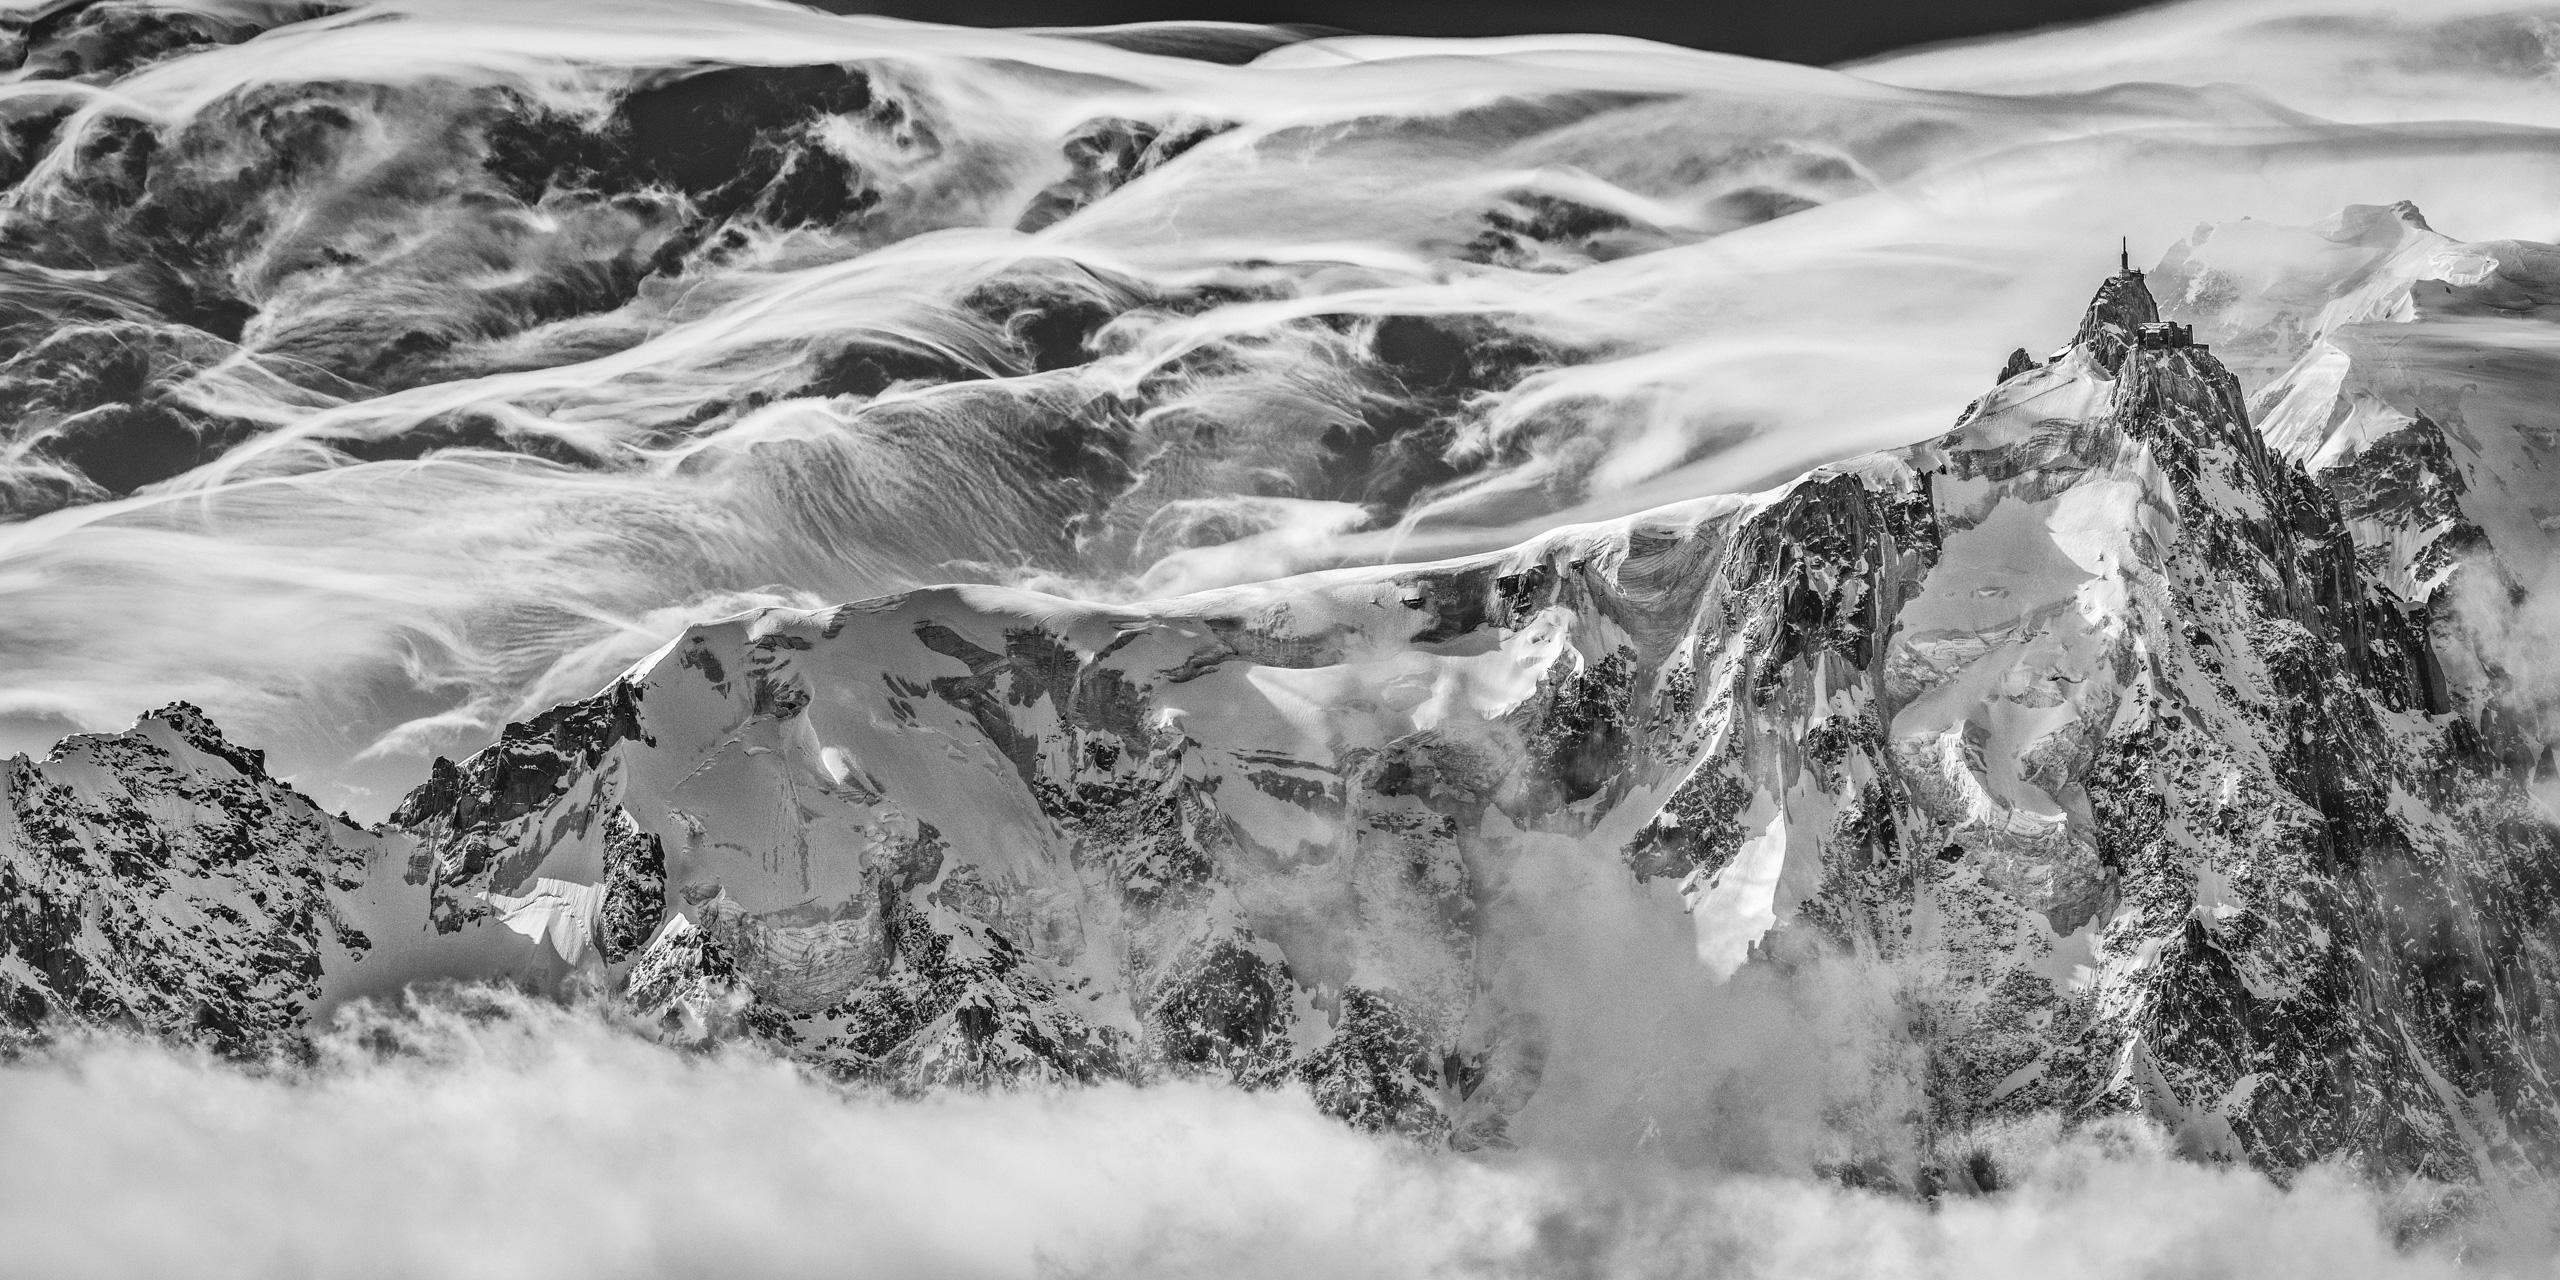 Chamonix - Panorama de montagne des massif rocheux et montagneux de l'Aiguille du Midi dans les nuages